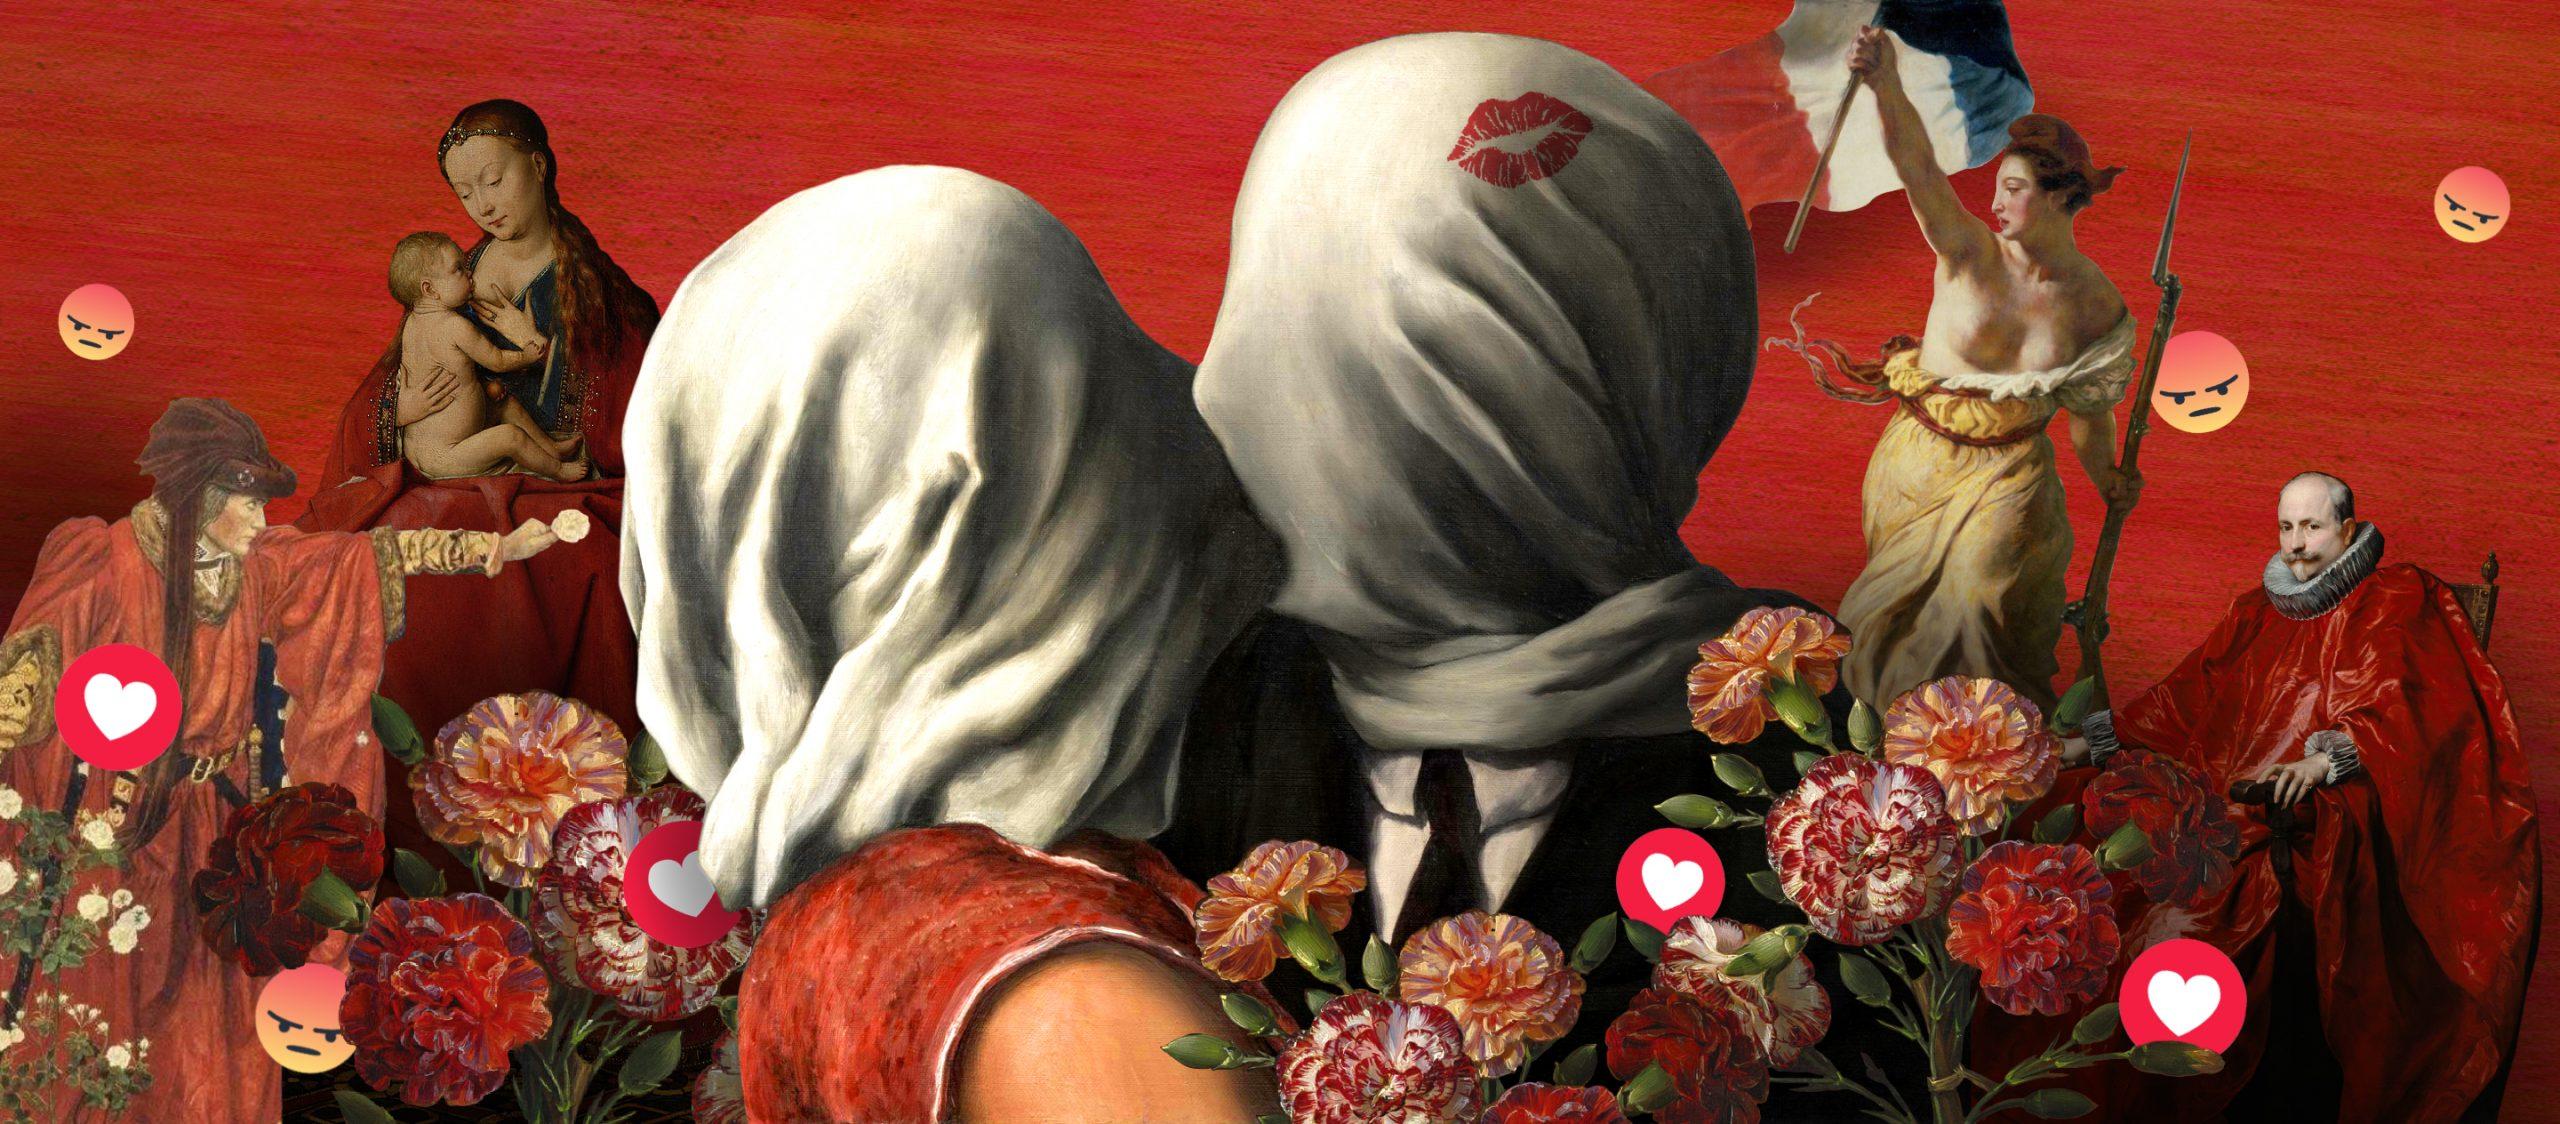 'สีแดง' ความรัก ความงาม การดิ้นรน และความเป็นคนที่ไม่สมบูรณ์แบบ